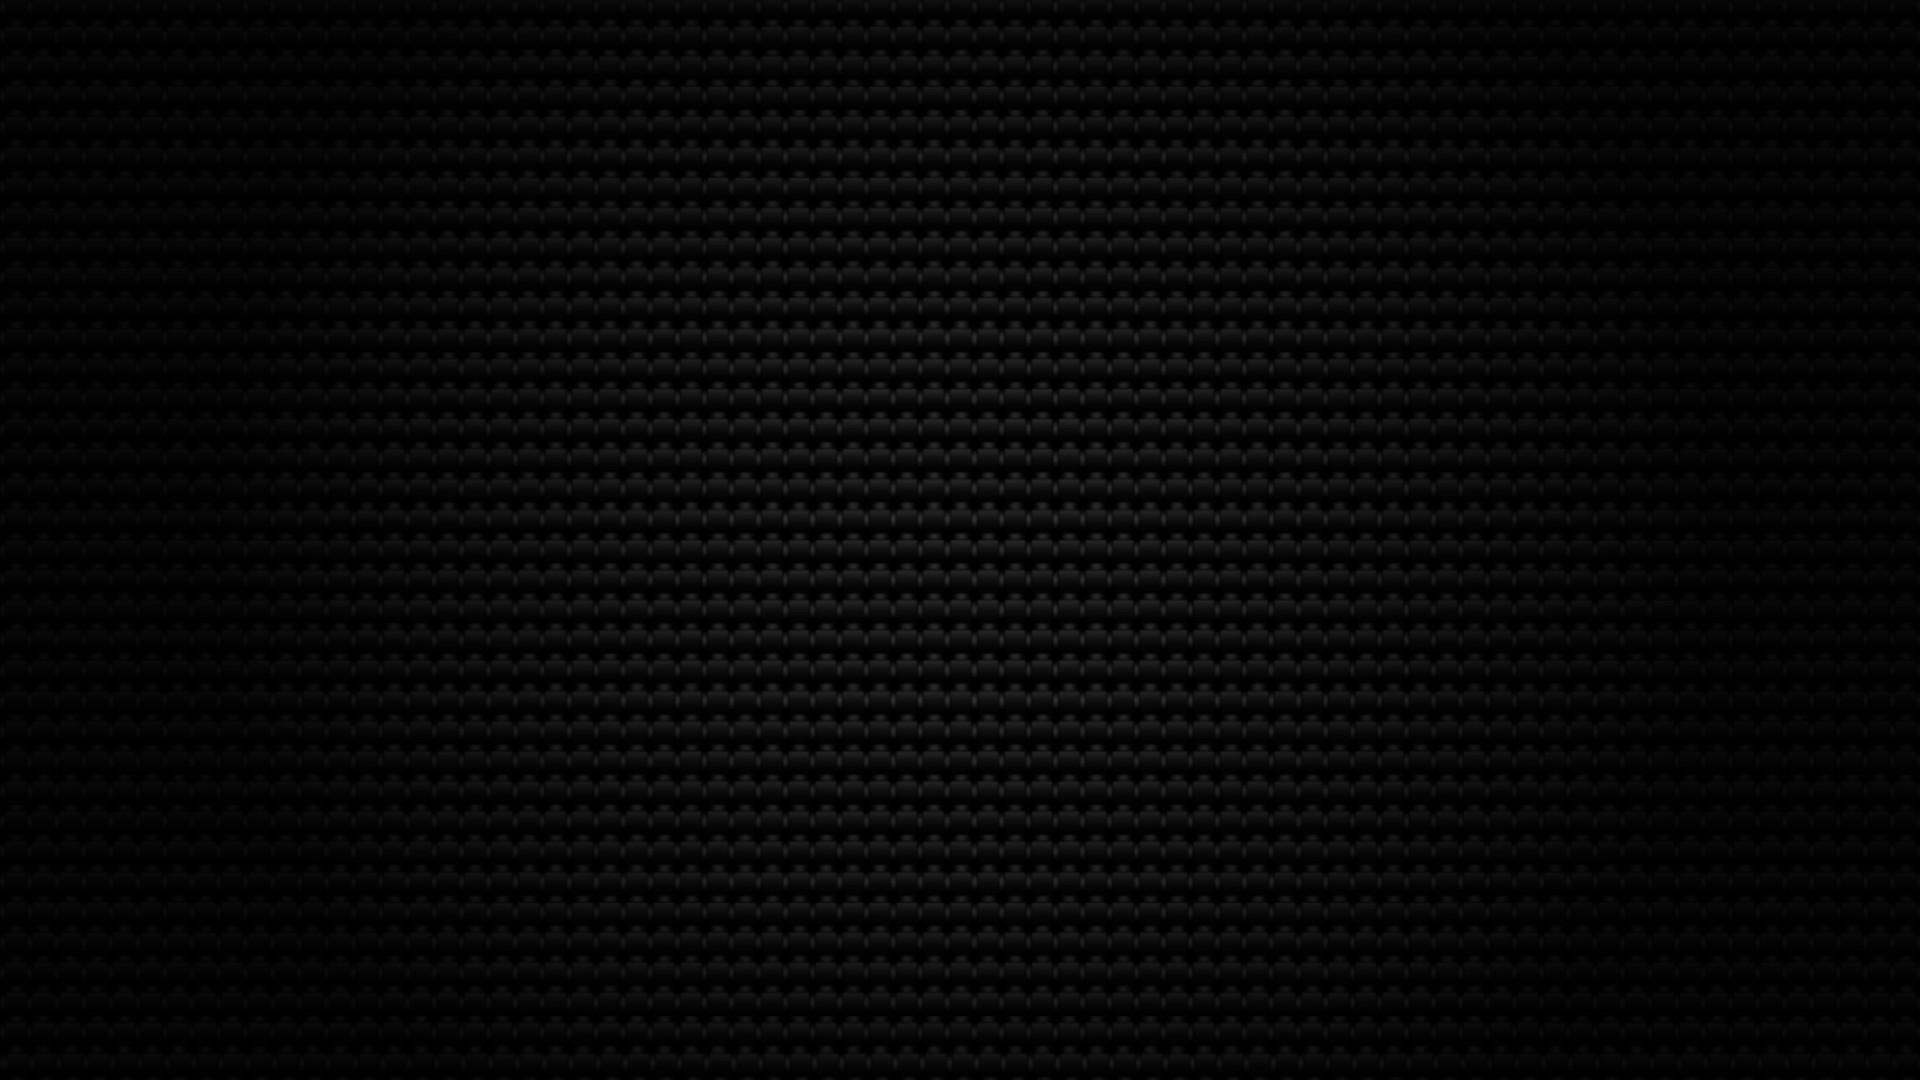 Carbon Fiber Texture 735037